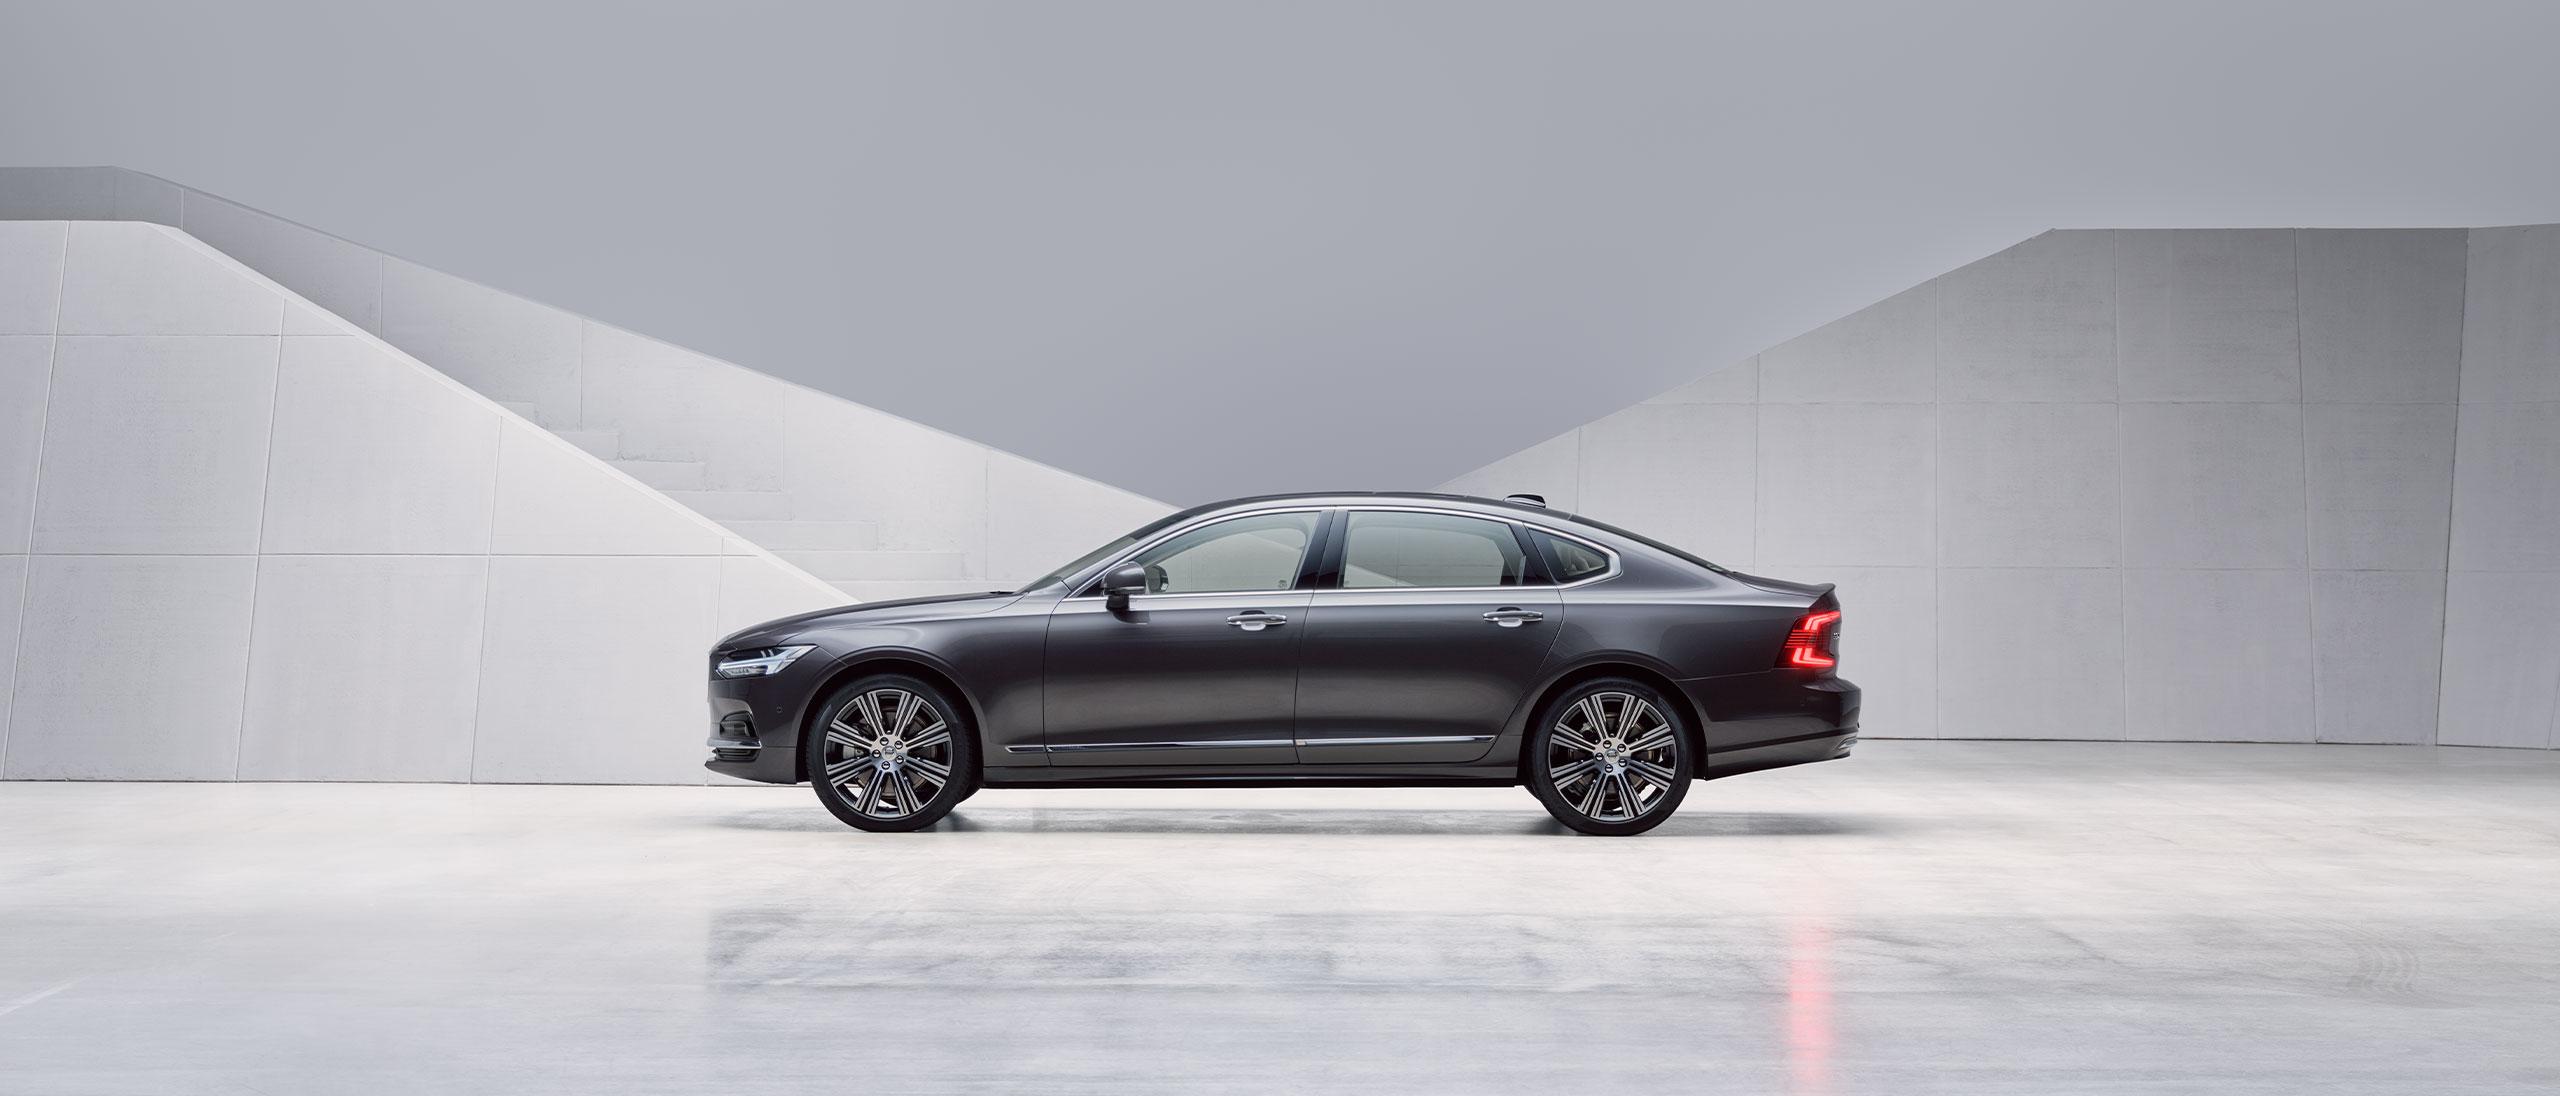 En mörk Volvo S90 är parkerad framför en grå vägg.